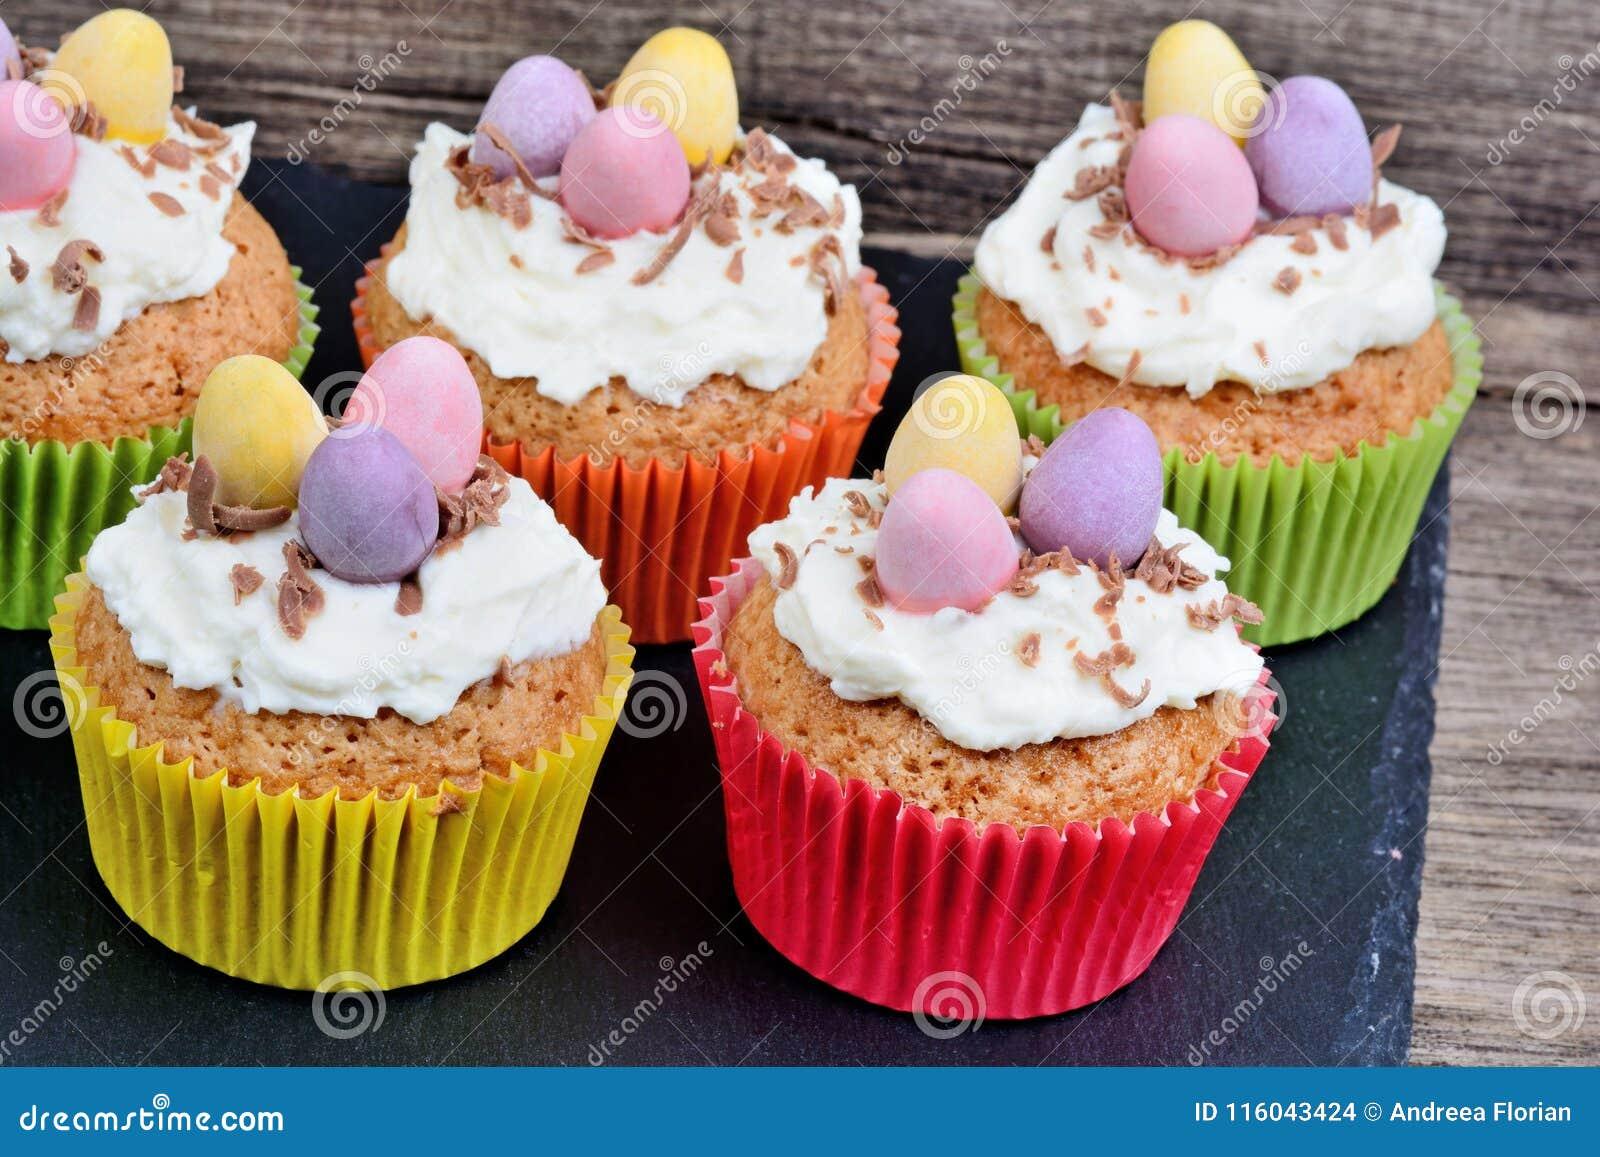 Kleiner Kuchen Mit Schokoladeneiern Und Creme Auf Schiefer